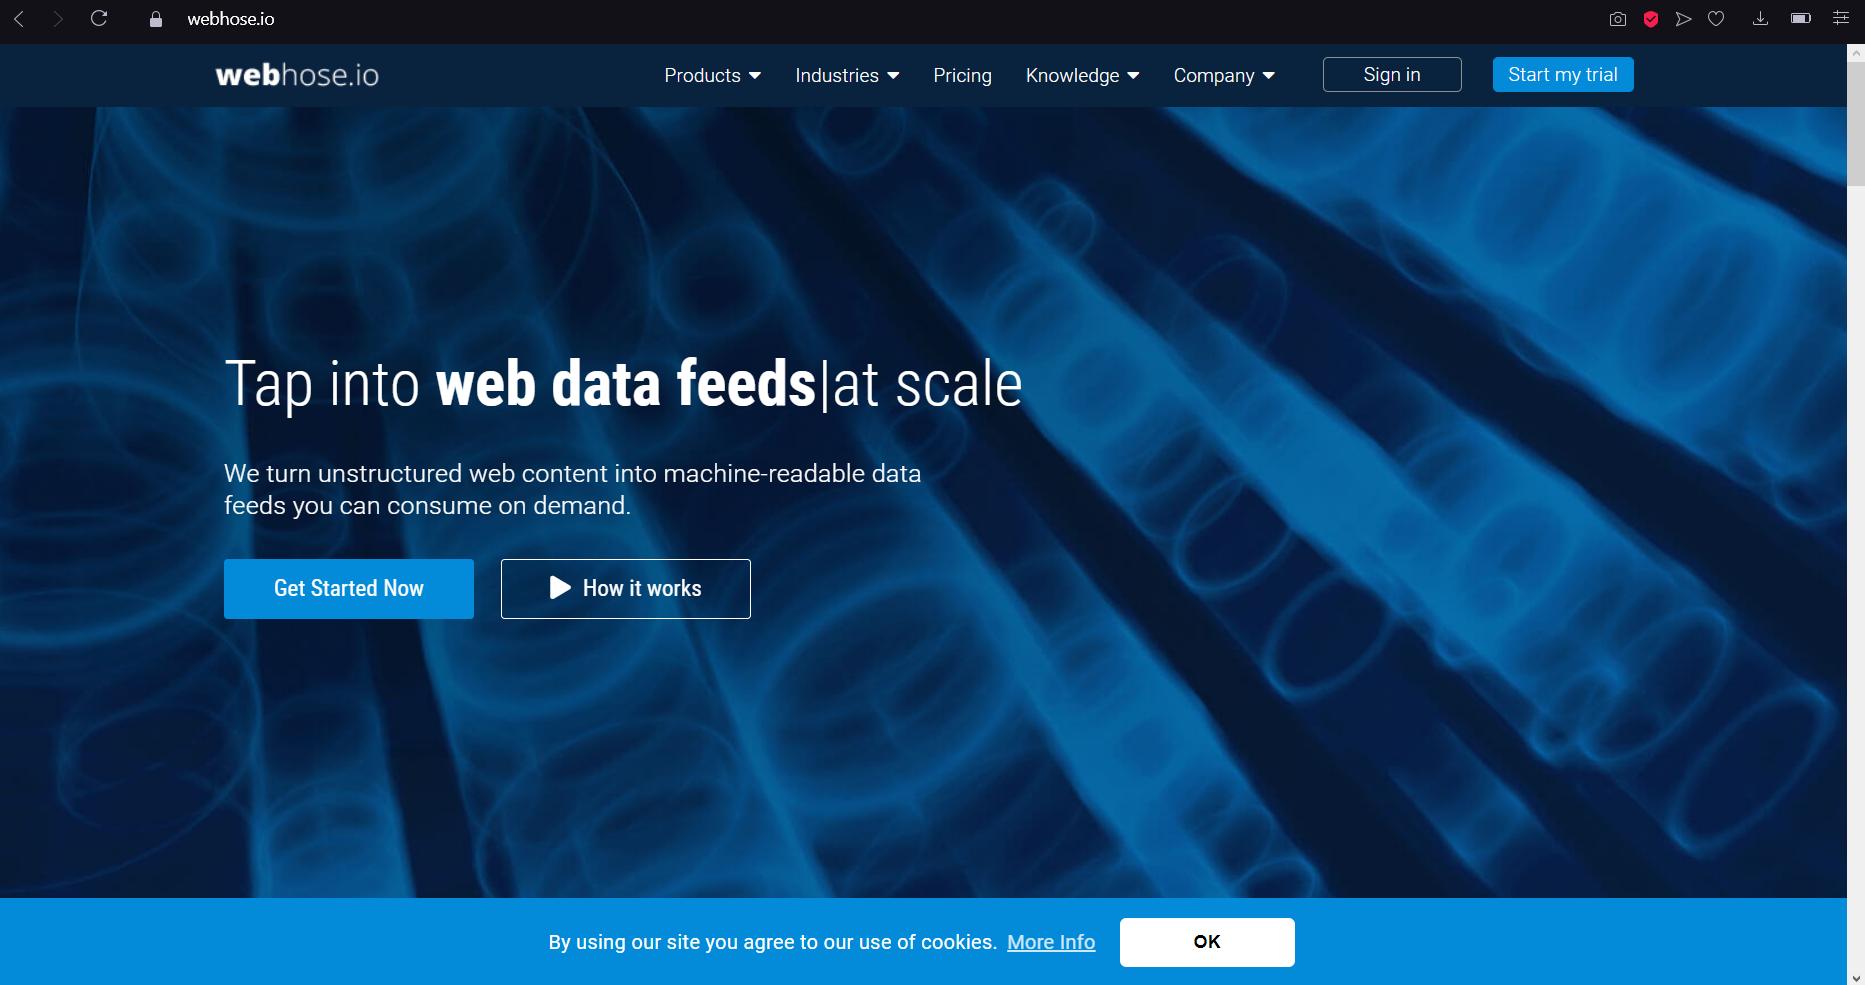 webhose.io news